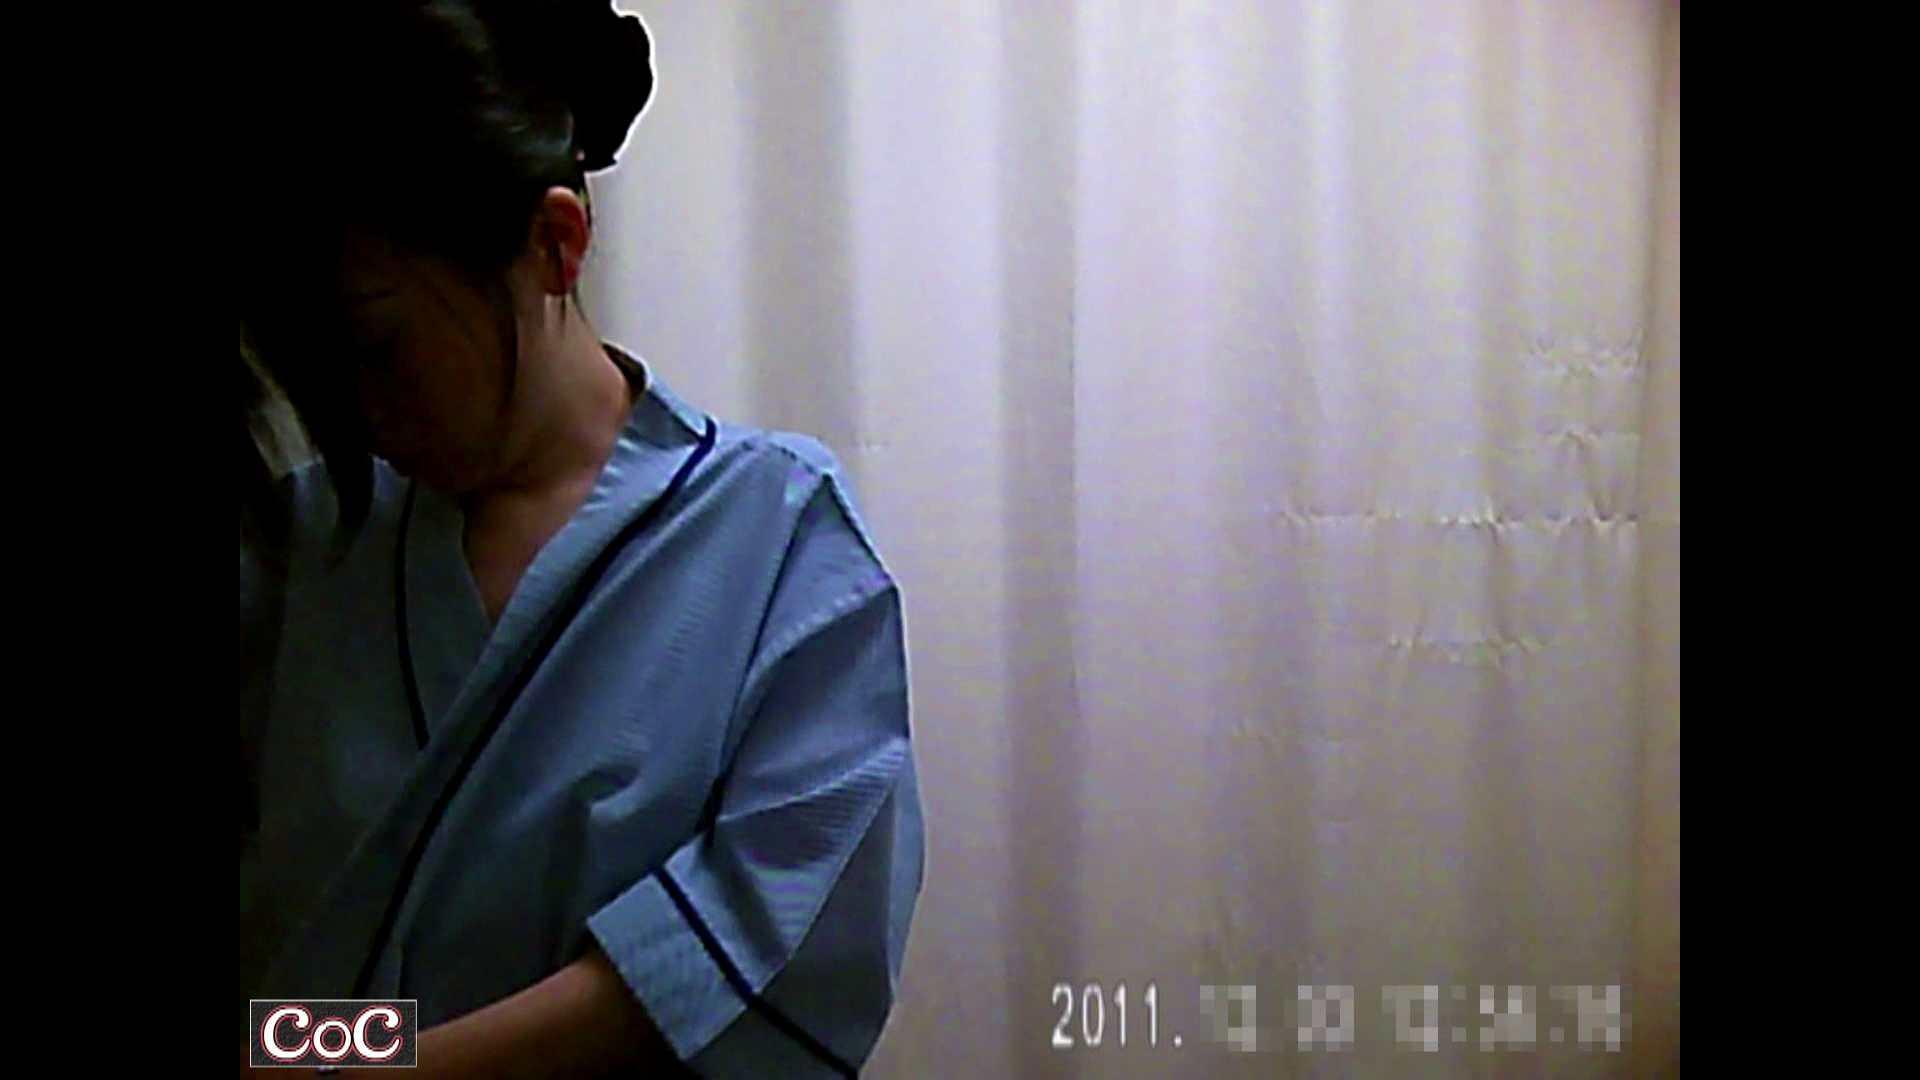 元医者による反抗 更衣室地獄絵巻 vol.186 OL  98pic 65